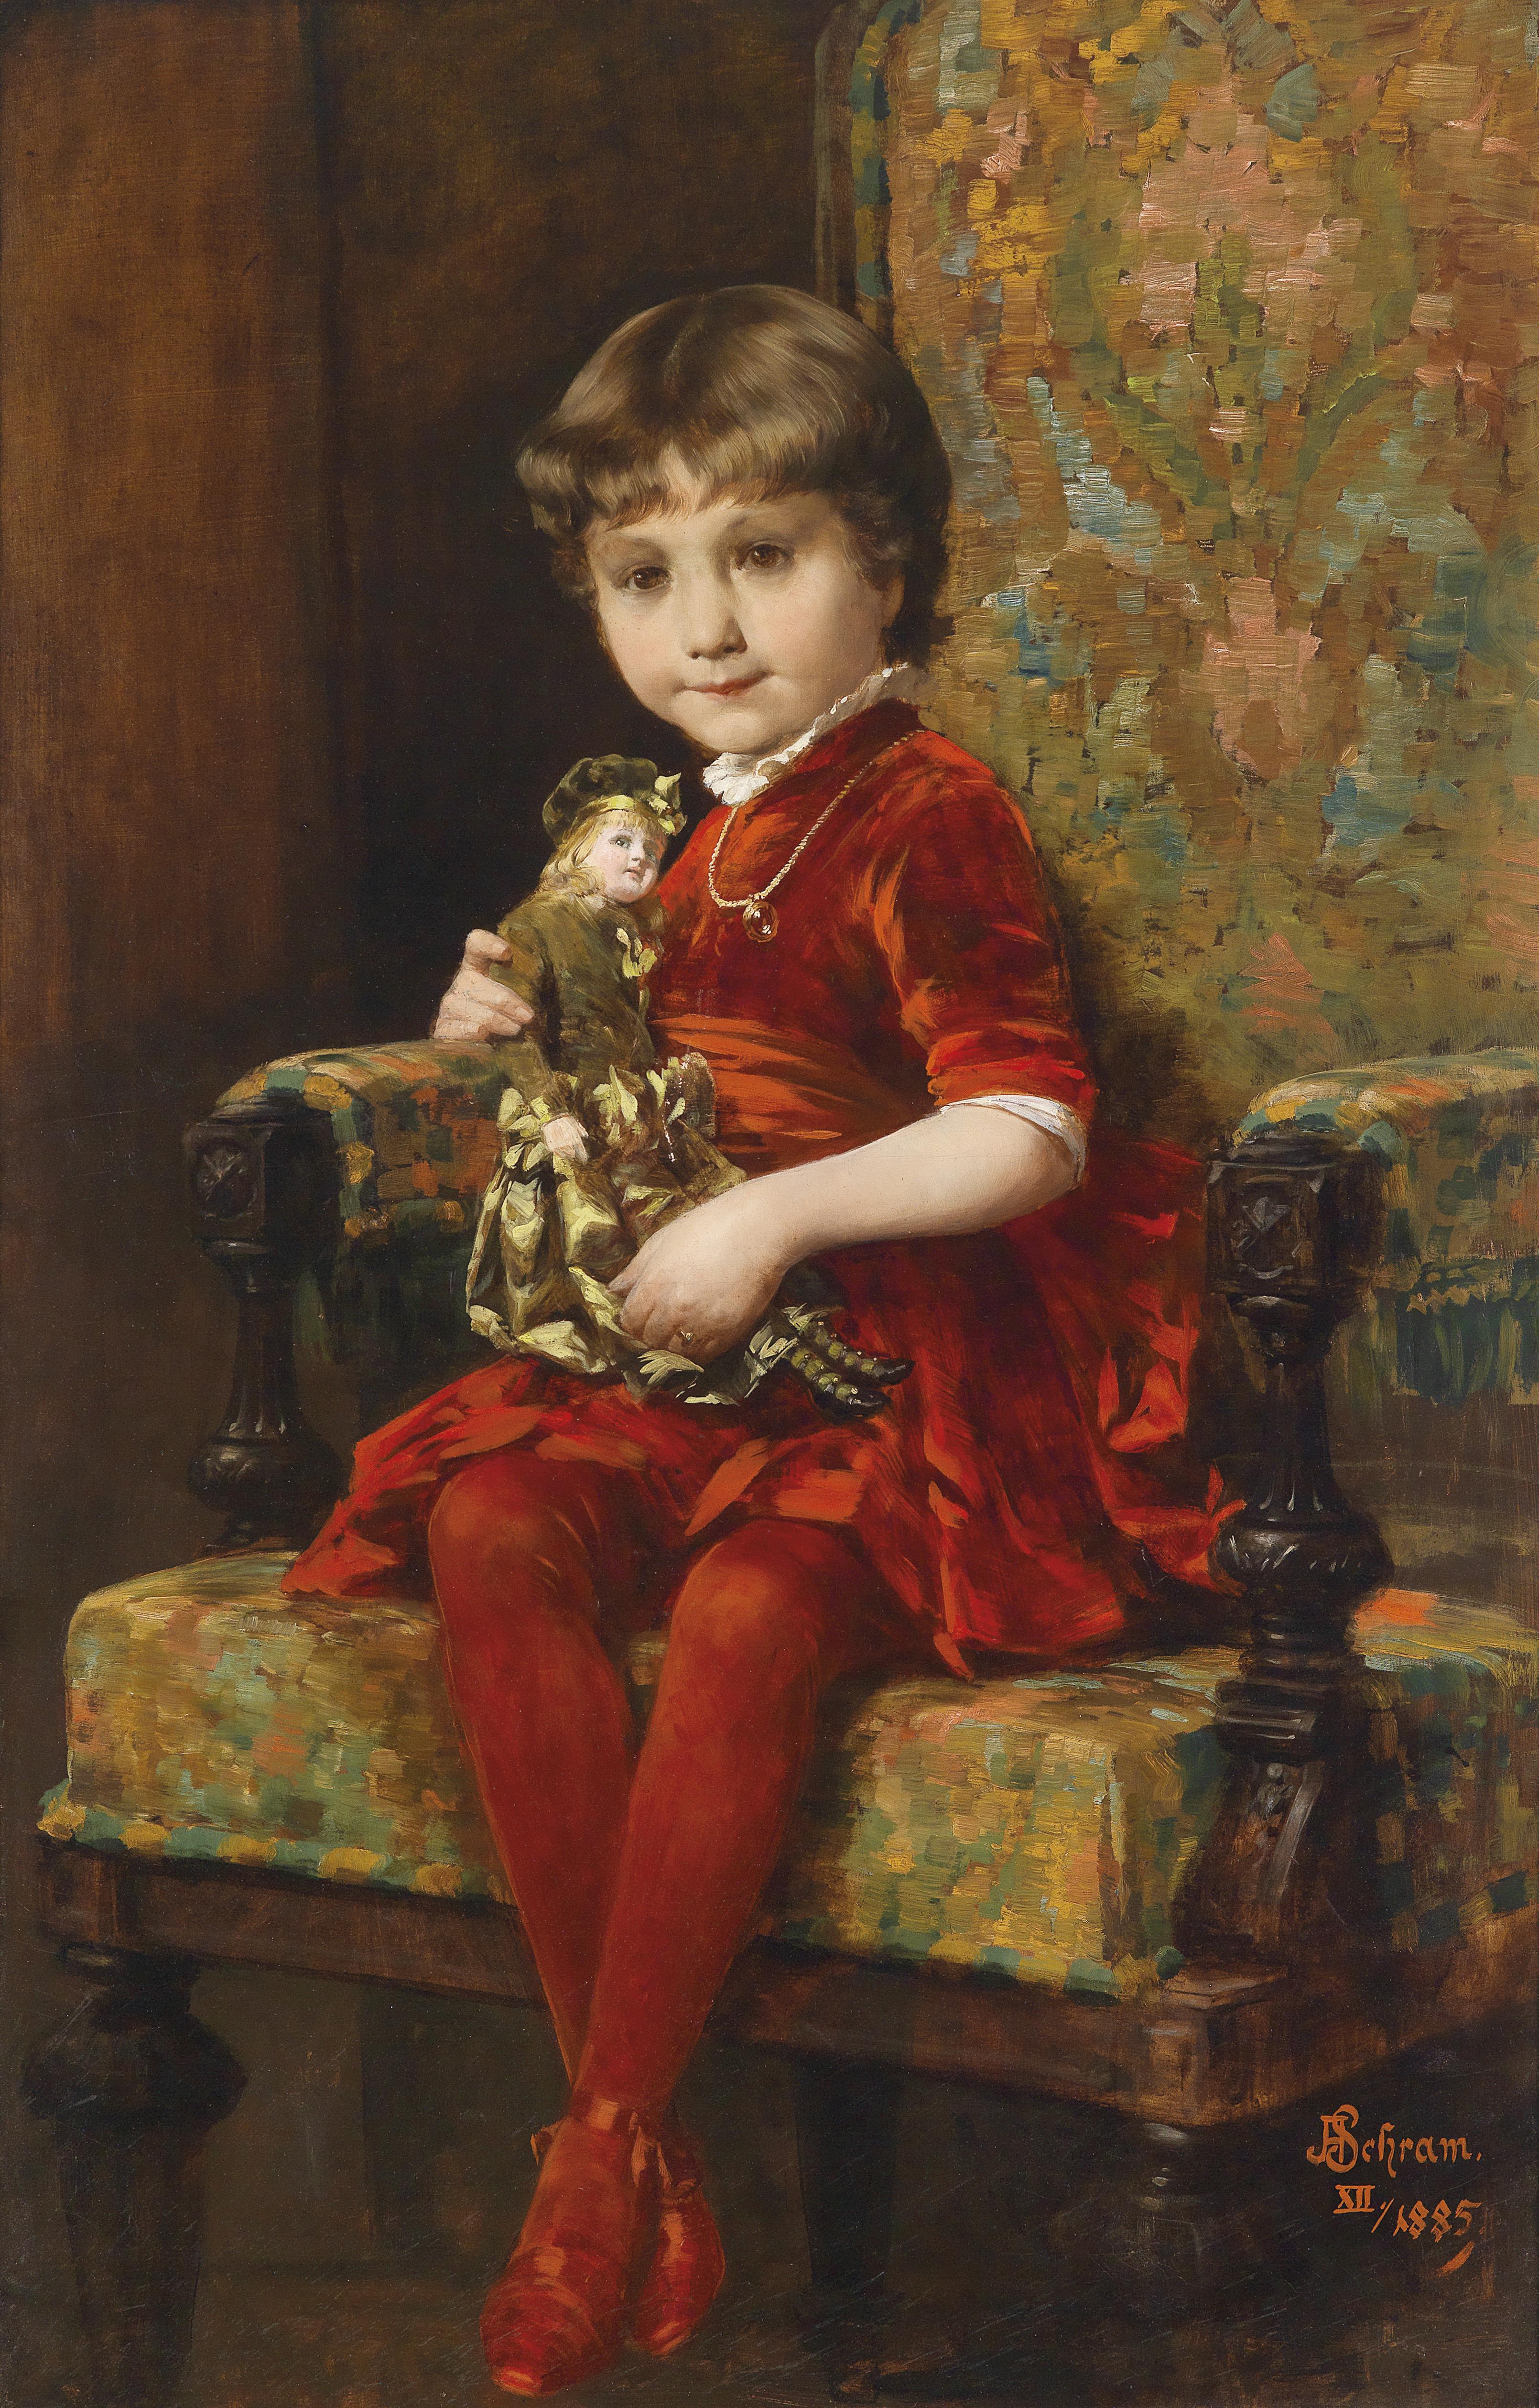 File:Aloys Hannes Schramm Mädchen mit Puppe 1885.jpg.